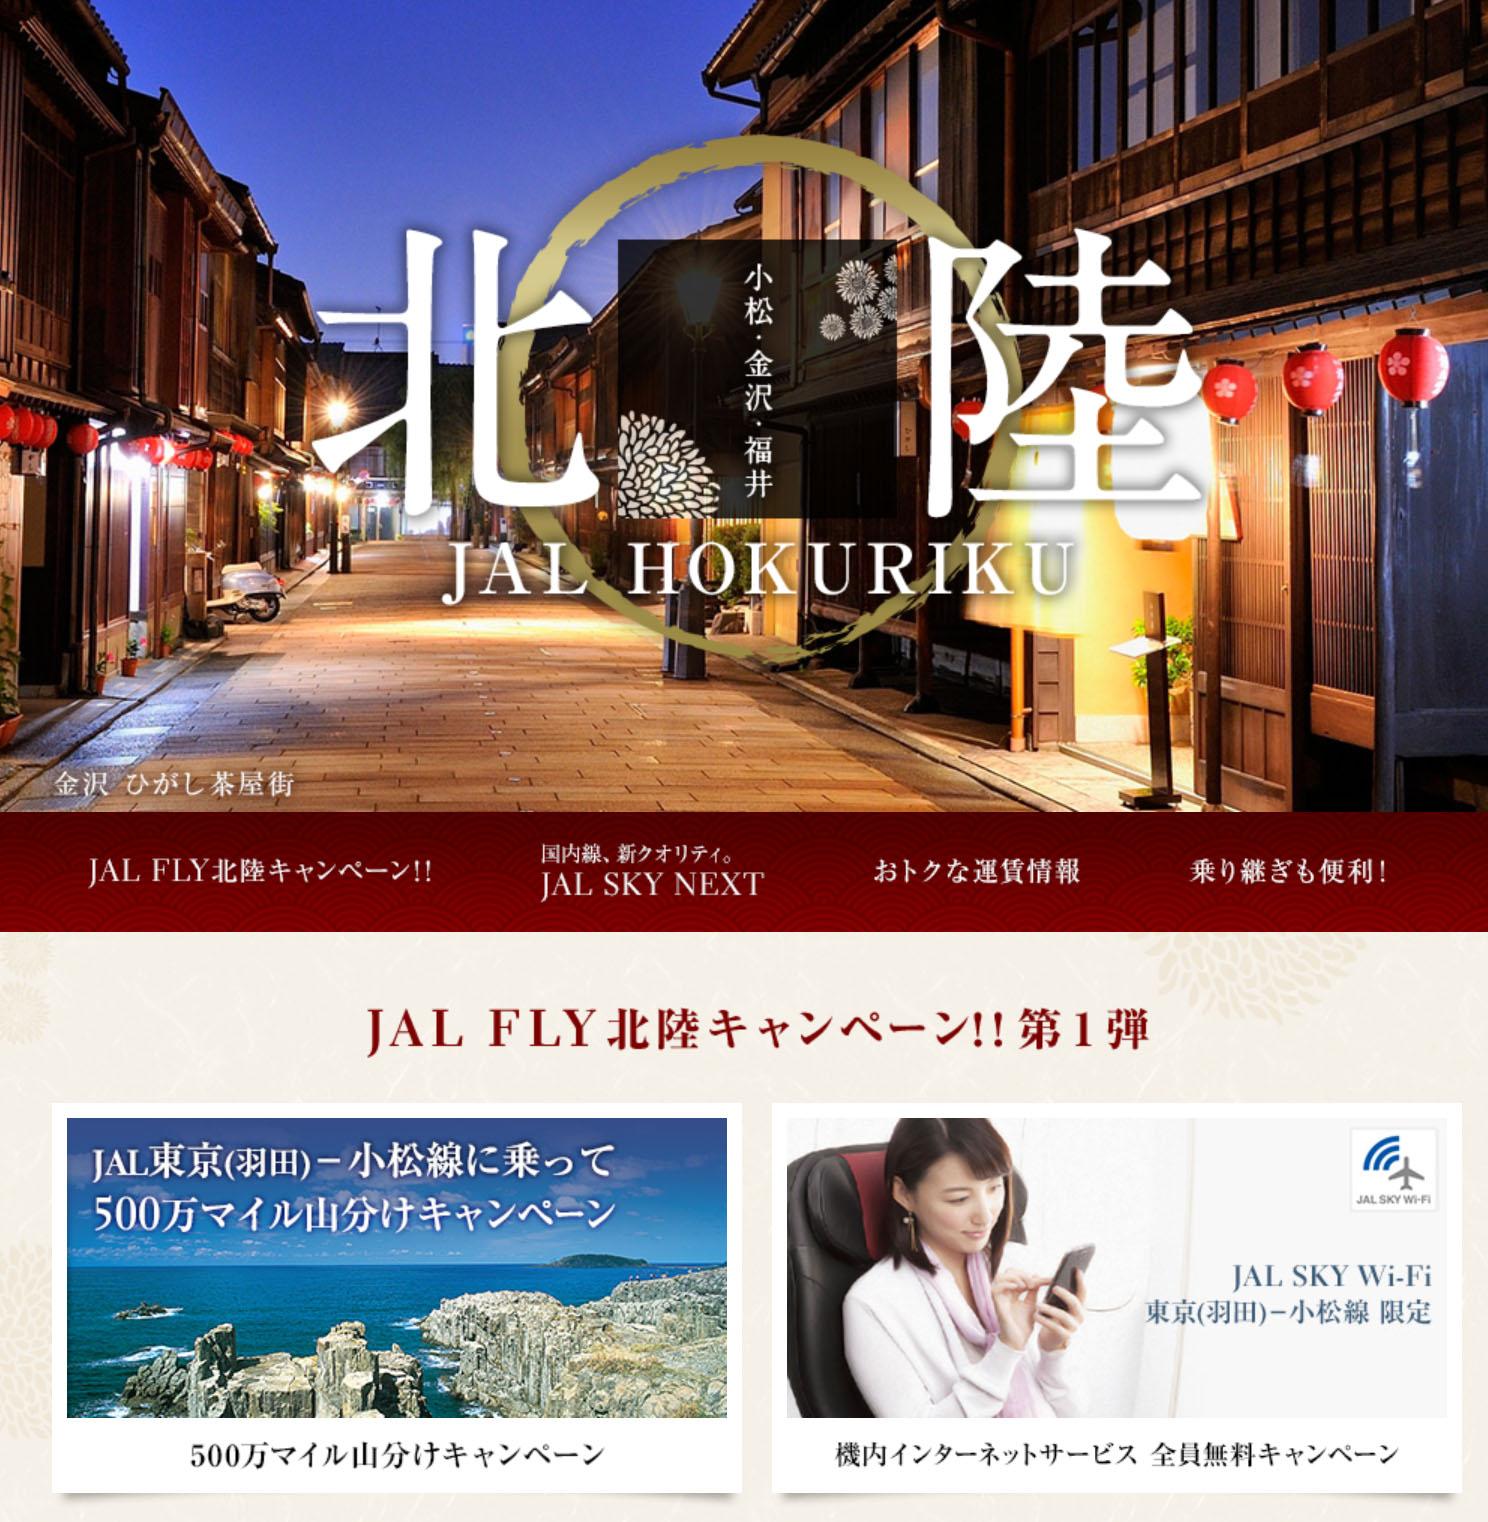 東京(羽田)~小松線の「JAL SKY Wi-Fi」対象便で6月30日までWi-Fi使用が無料になる